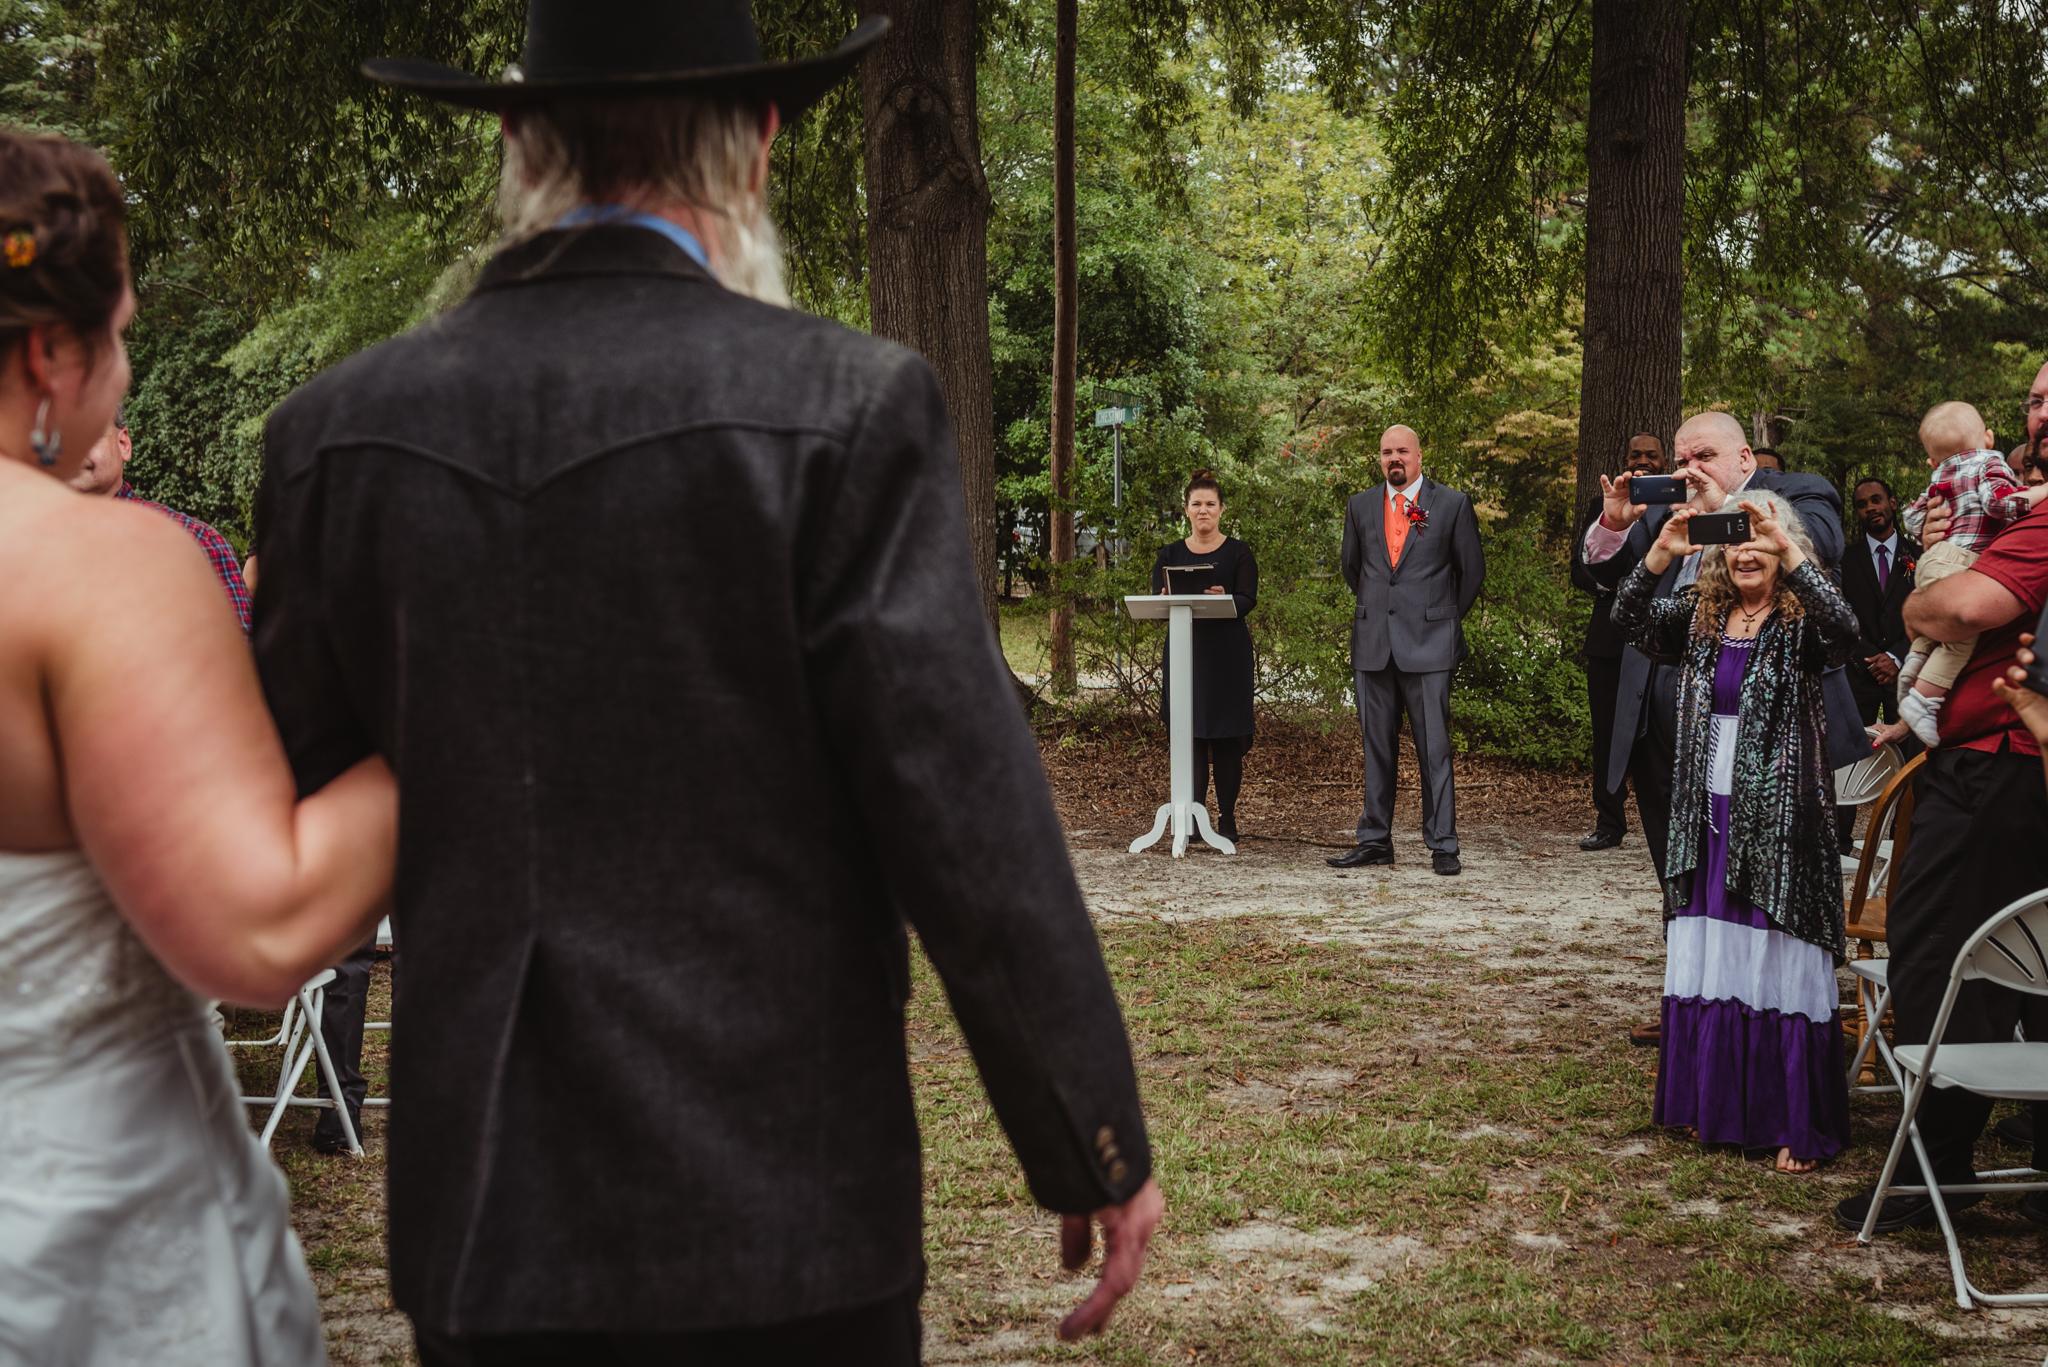 raleigh-wedding-groom-first-look-cd.jpg